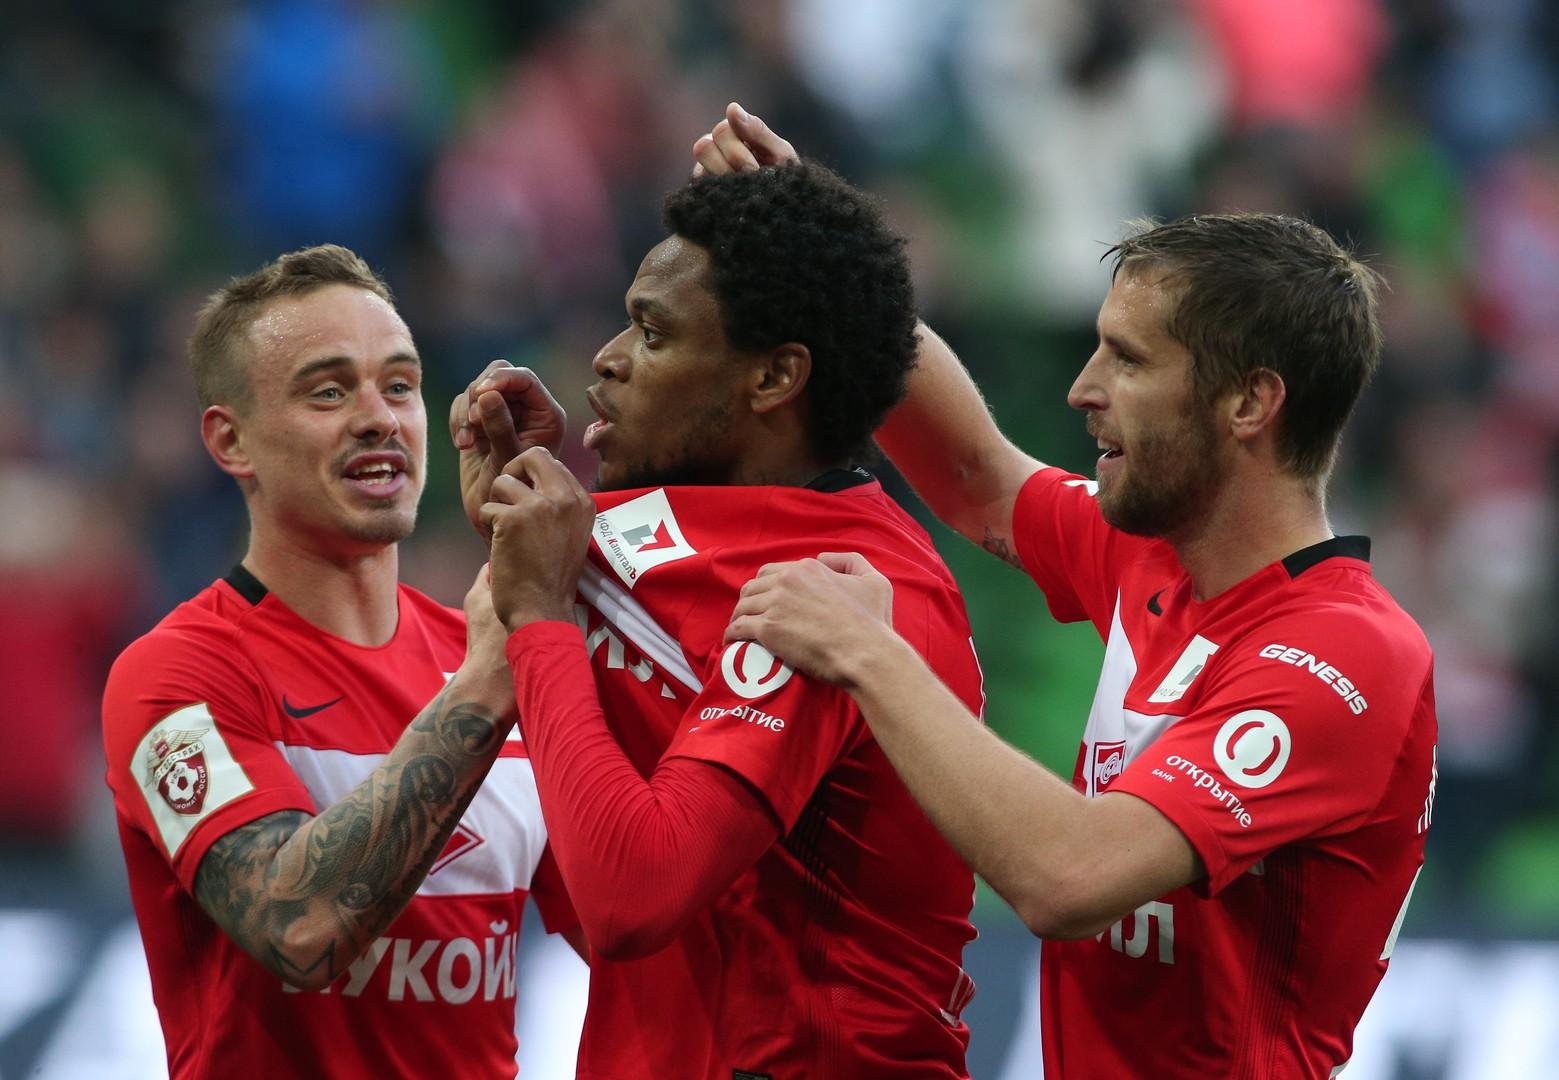 «Это был настоящий старт чемпионата»: матч «Краснодар» — «Спартак» не оставил равнодушных